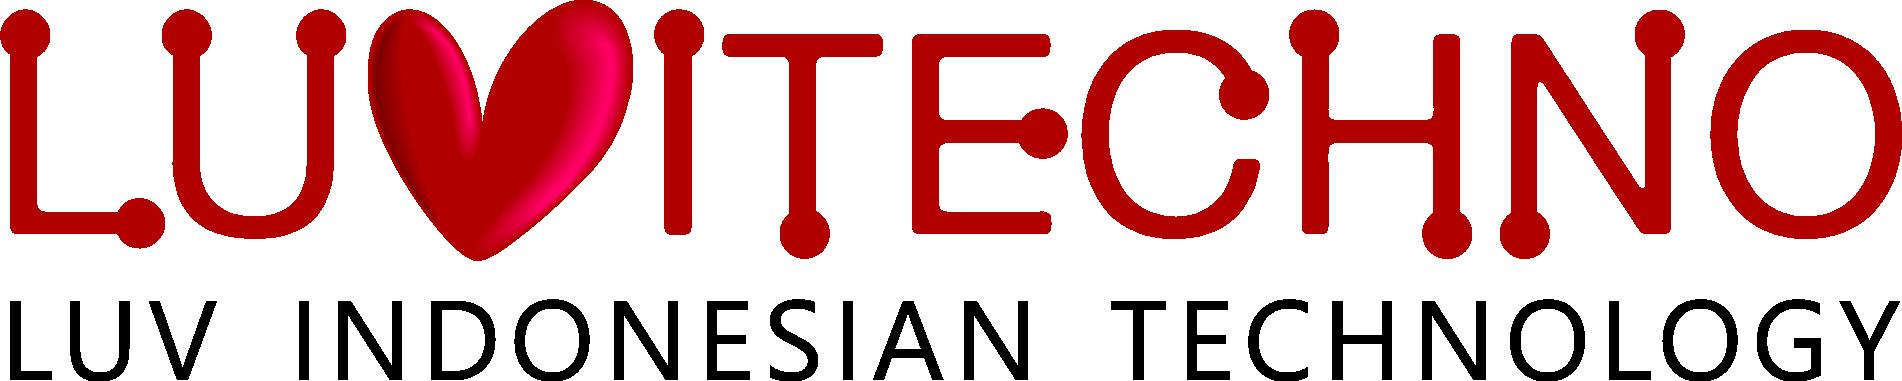 Luvi-Techno